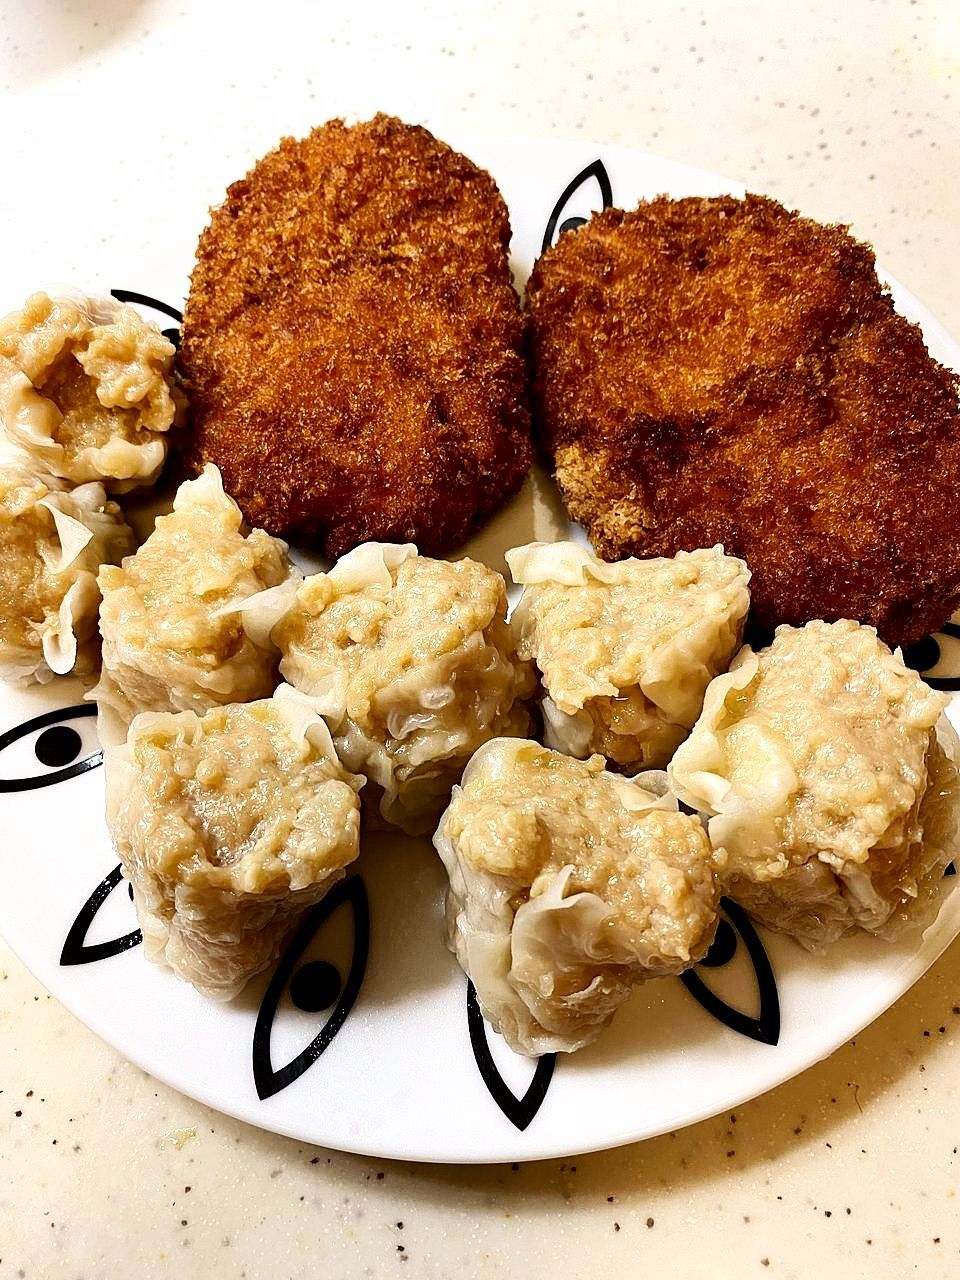 越谷市蒲生の絶品鶏シューマイ お惣菜・鳥忠